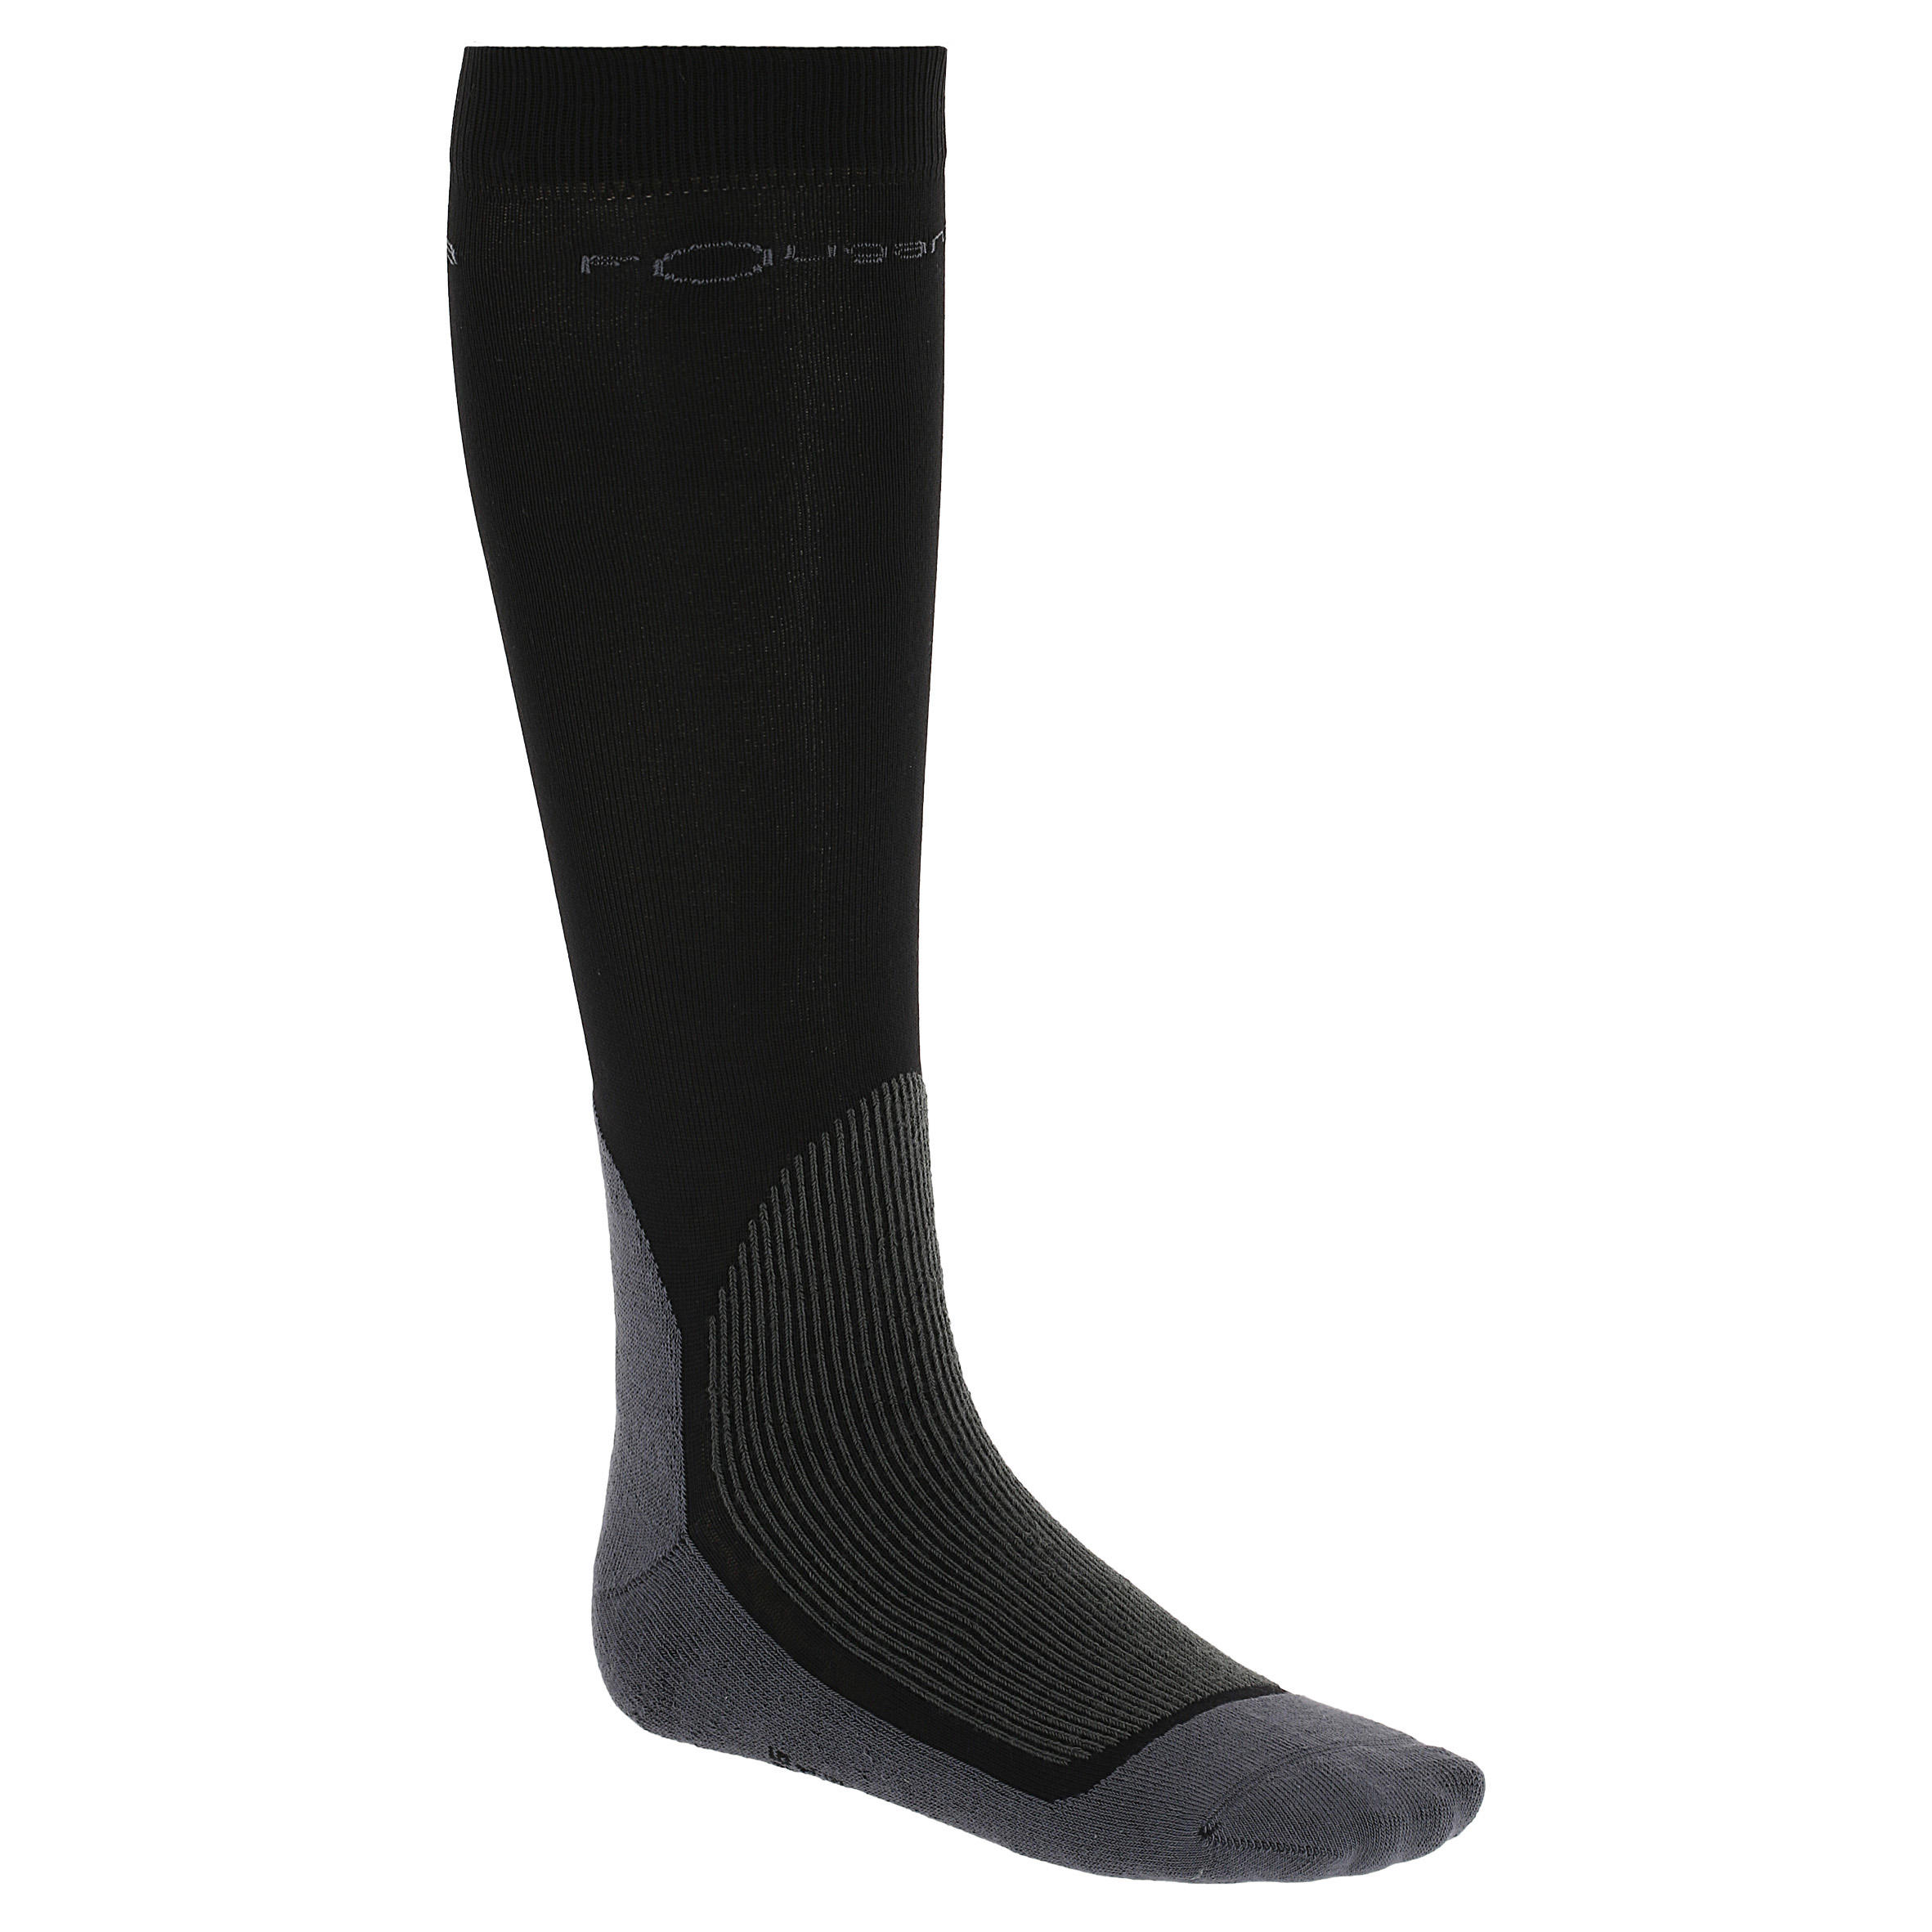 Chaussettes équitation adulte EQUAREA noires x 1 paire